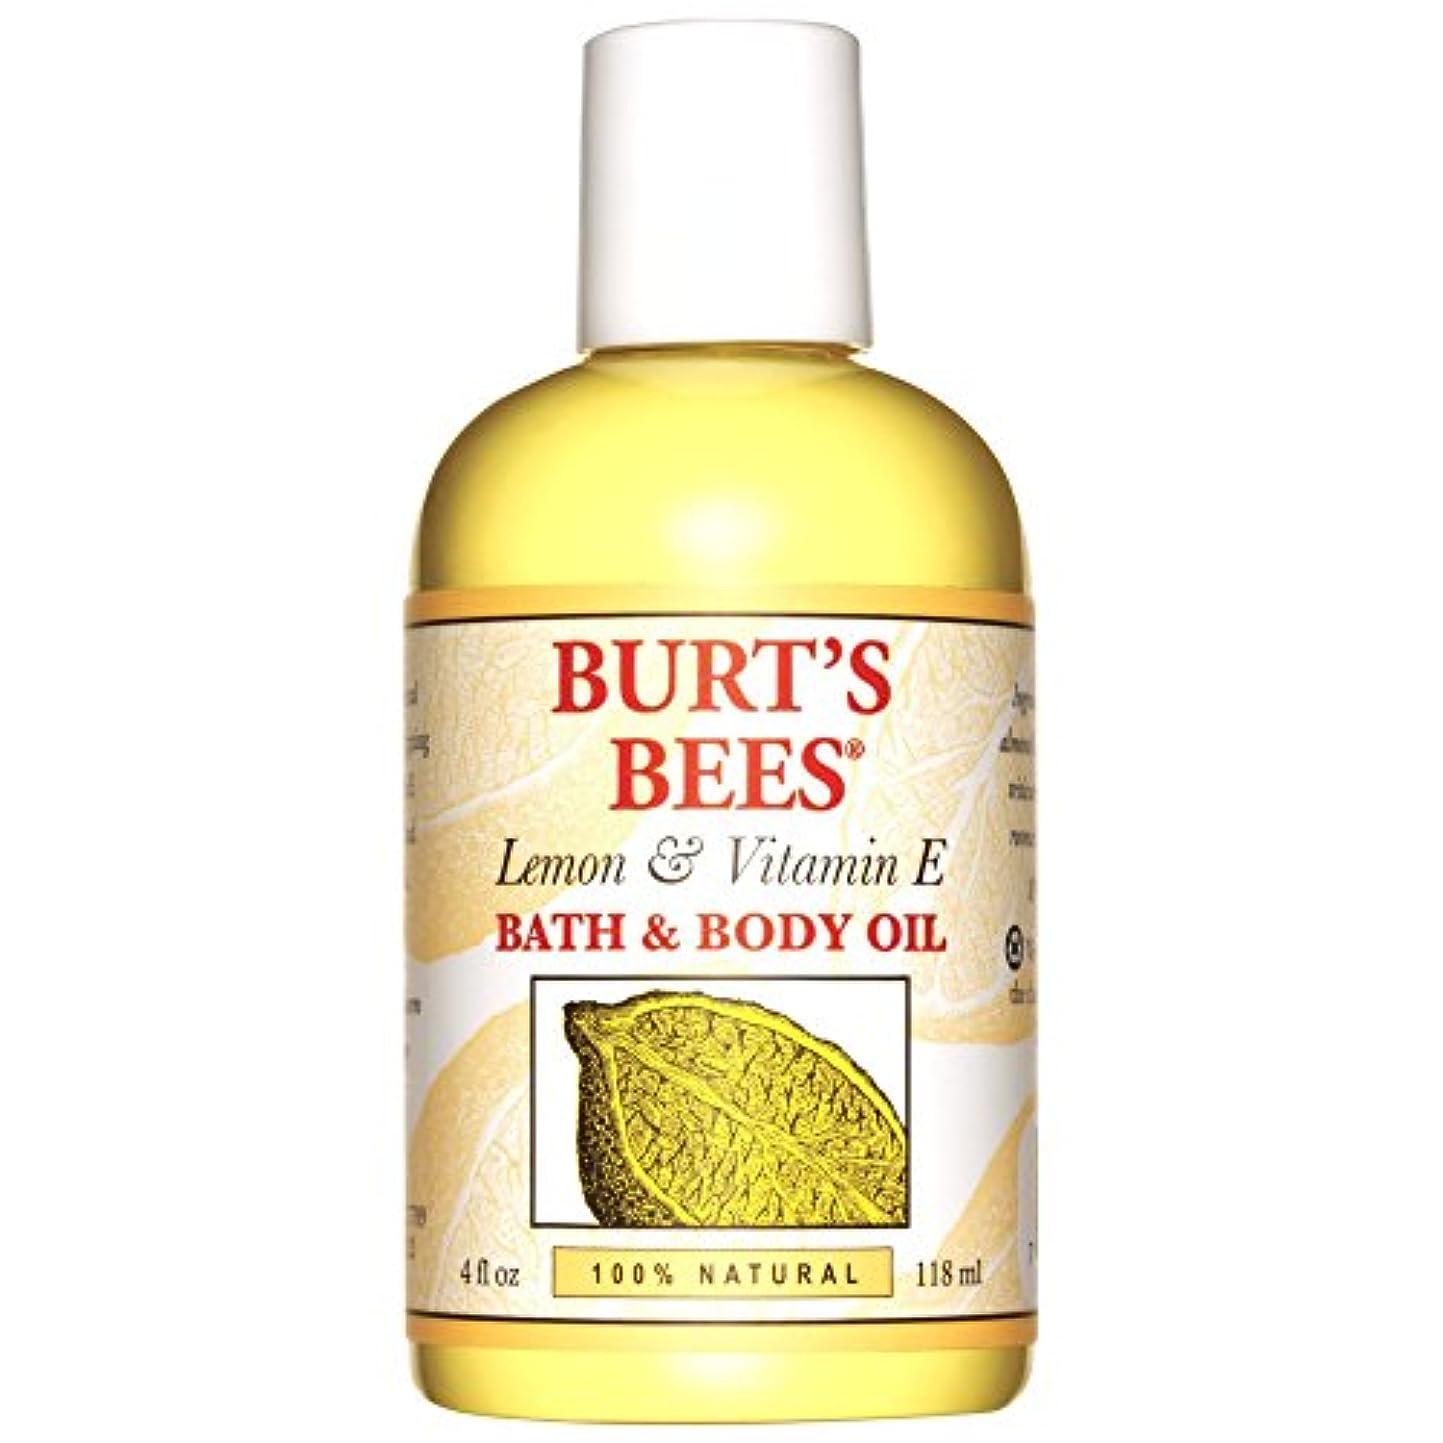 頼むアプローチ練るバーツビーレモンとビタミンEバス、ボディオイル118ミリリットル (Burt's Bees) - Burt's Bees Lemon and Vitamin E Bath and Body Oil 118ml [並行輸入品]